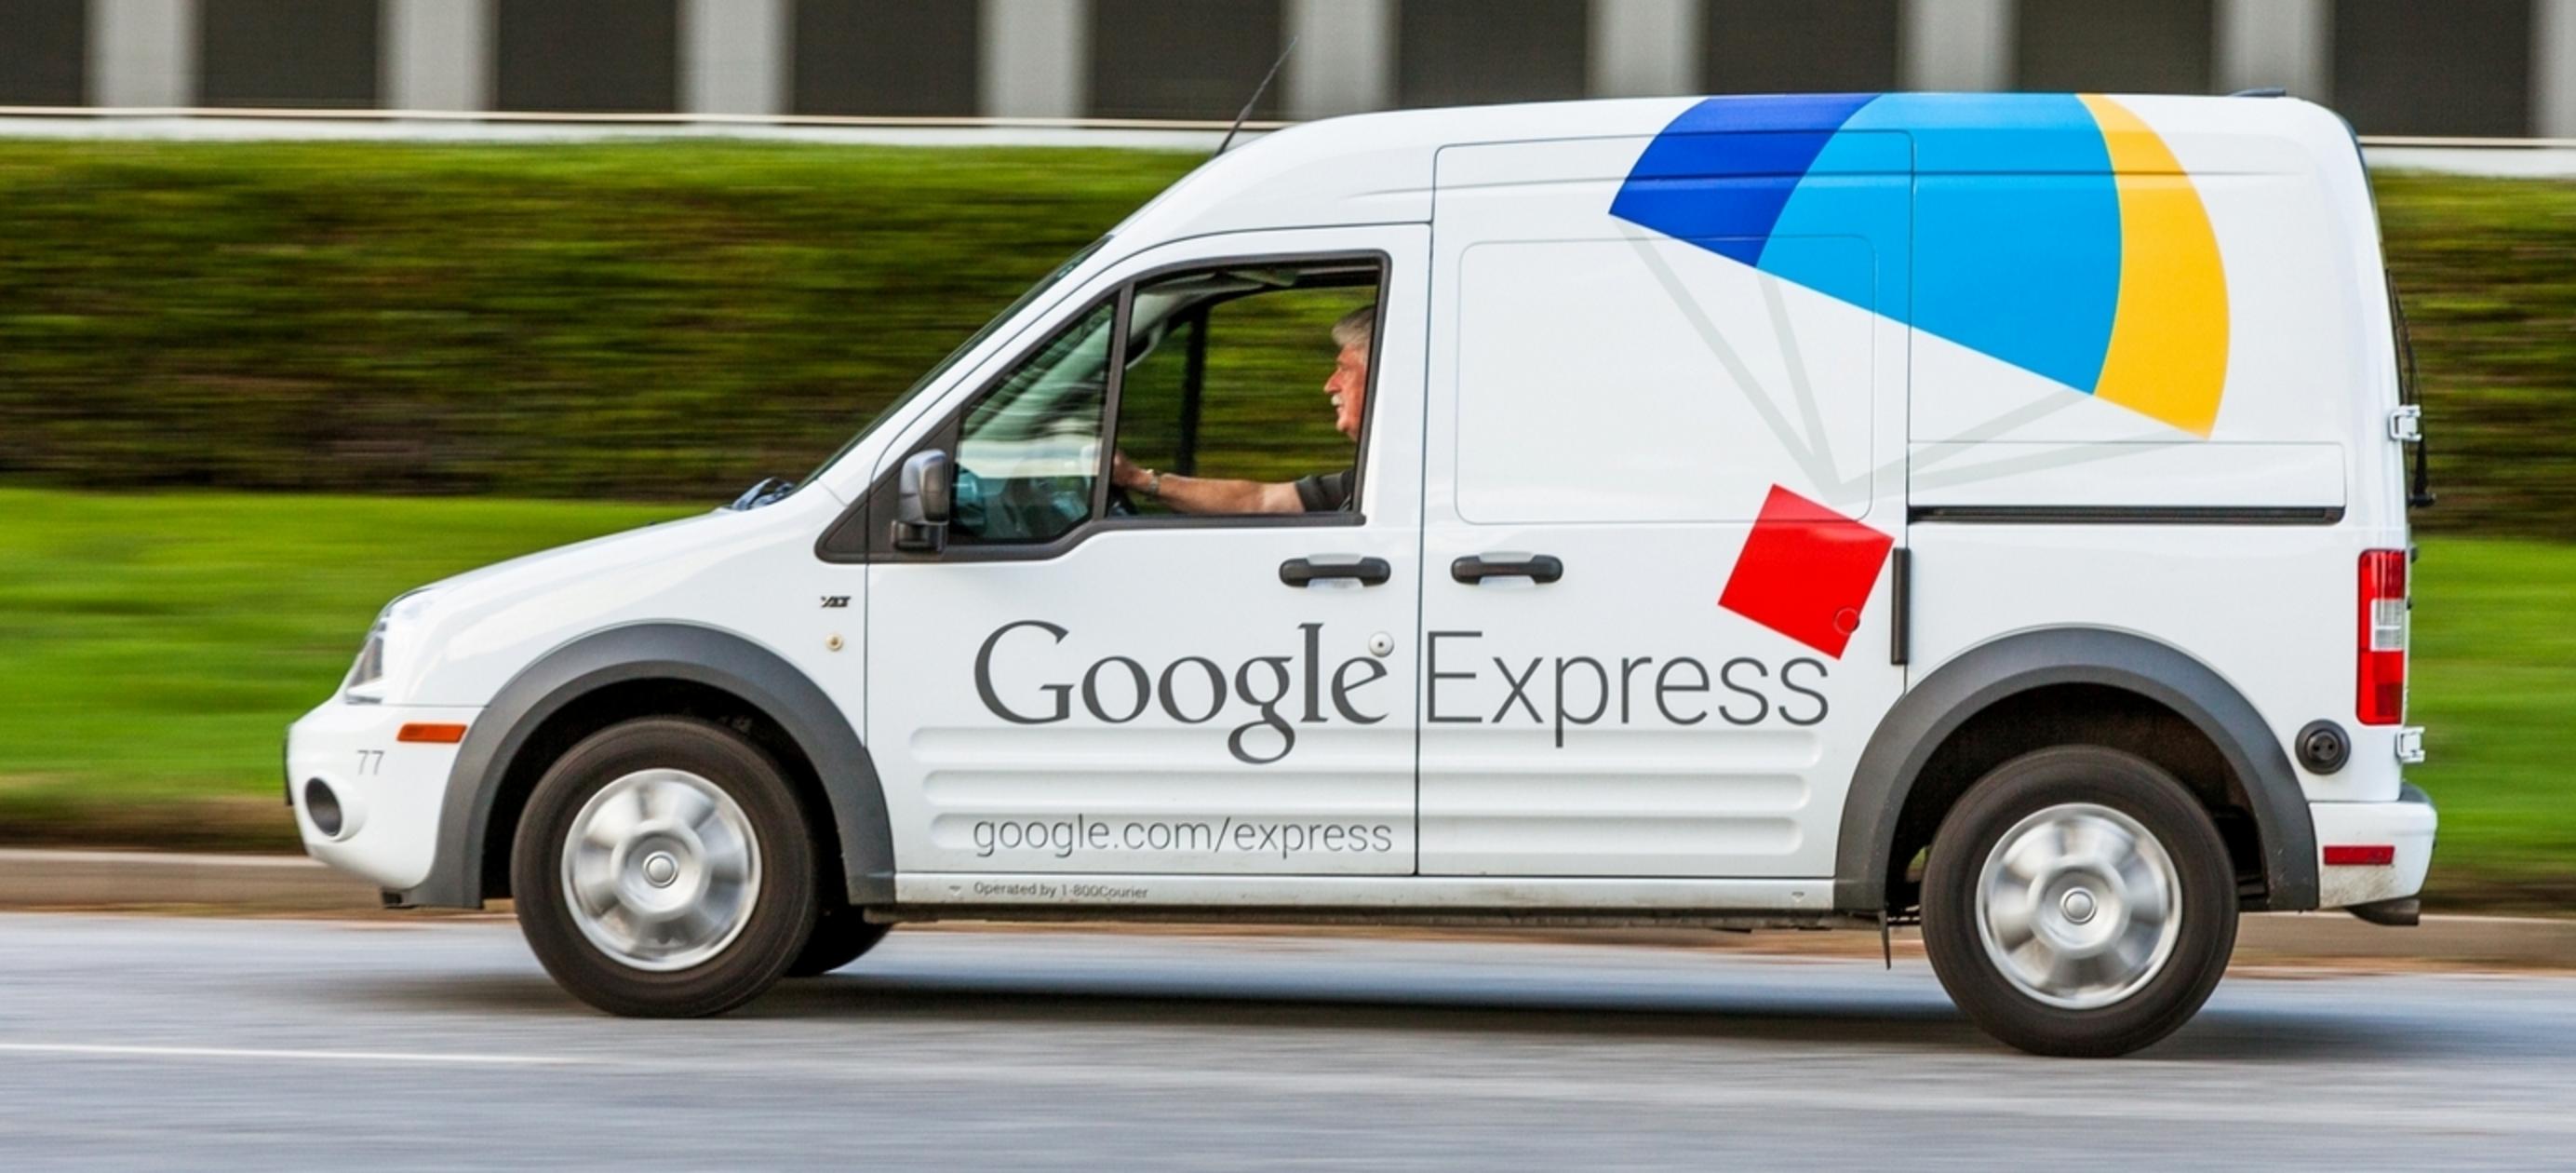 google express nerede var